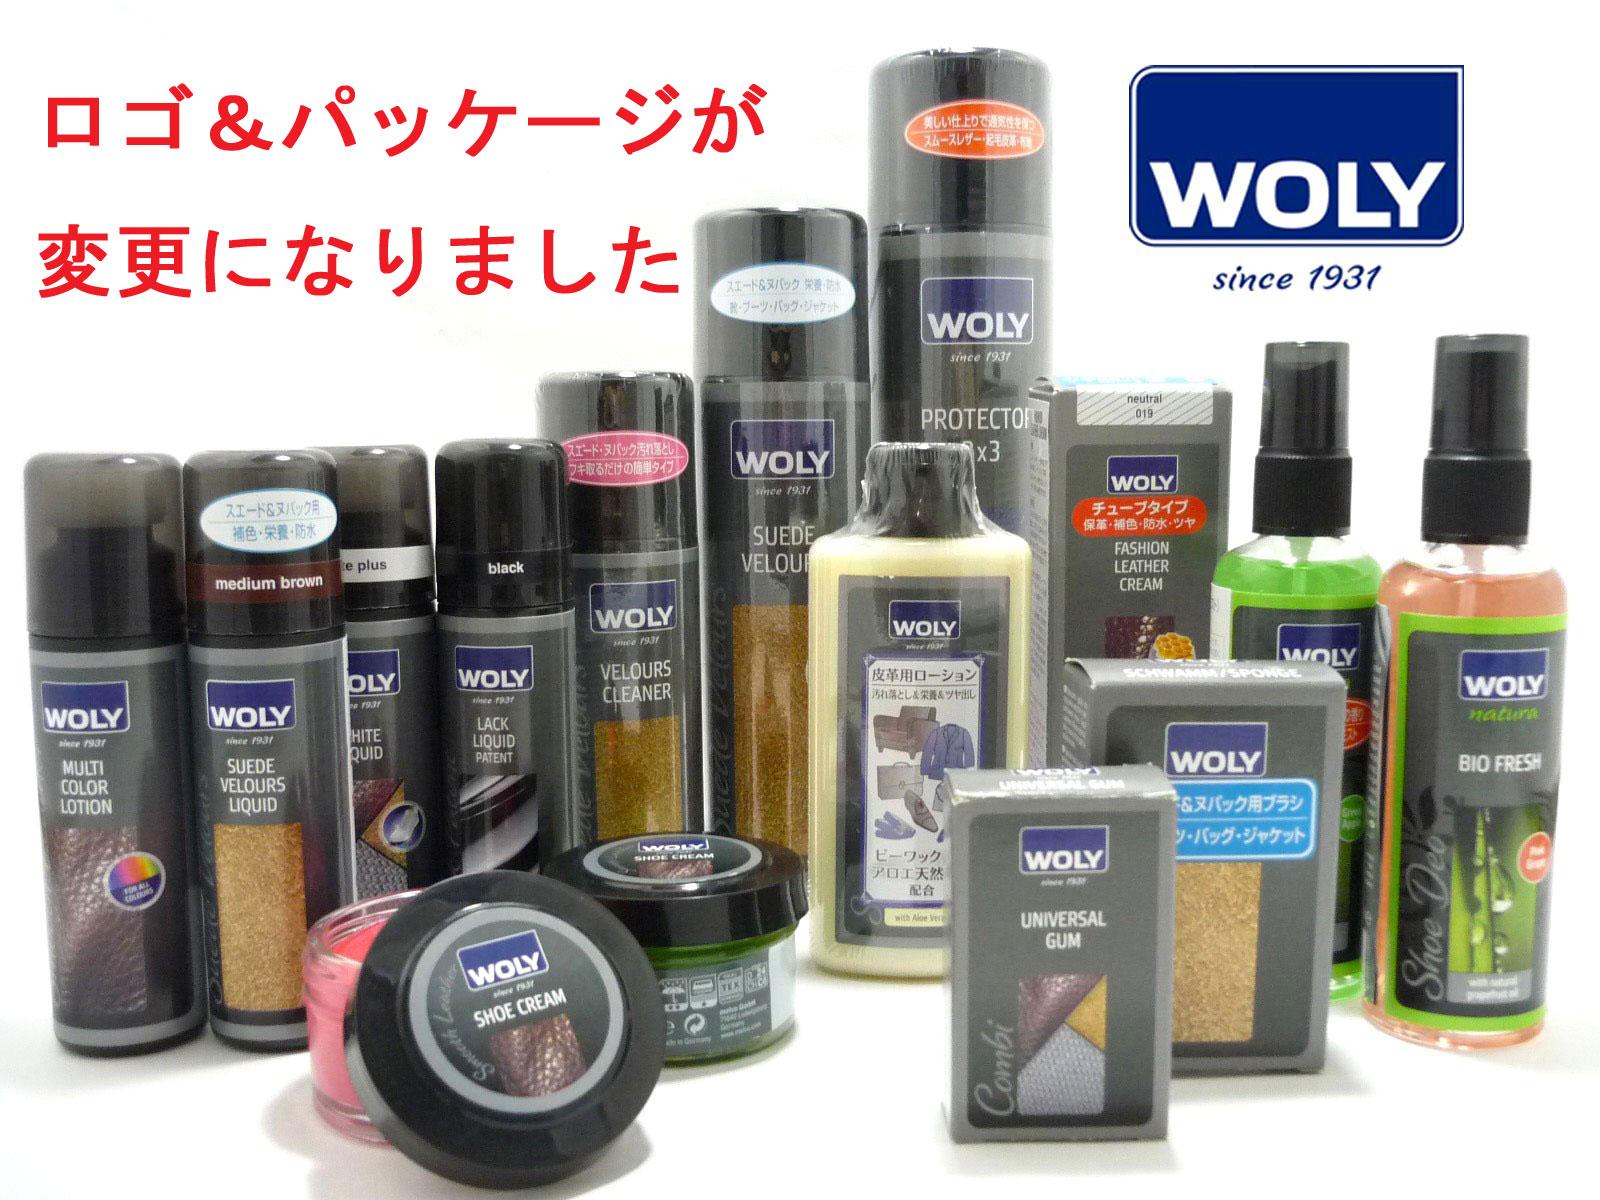 キラリ☆_b0226322_15484173.jpg